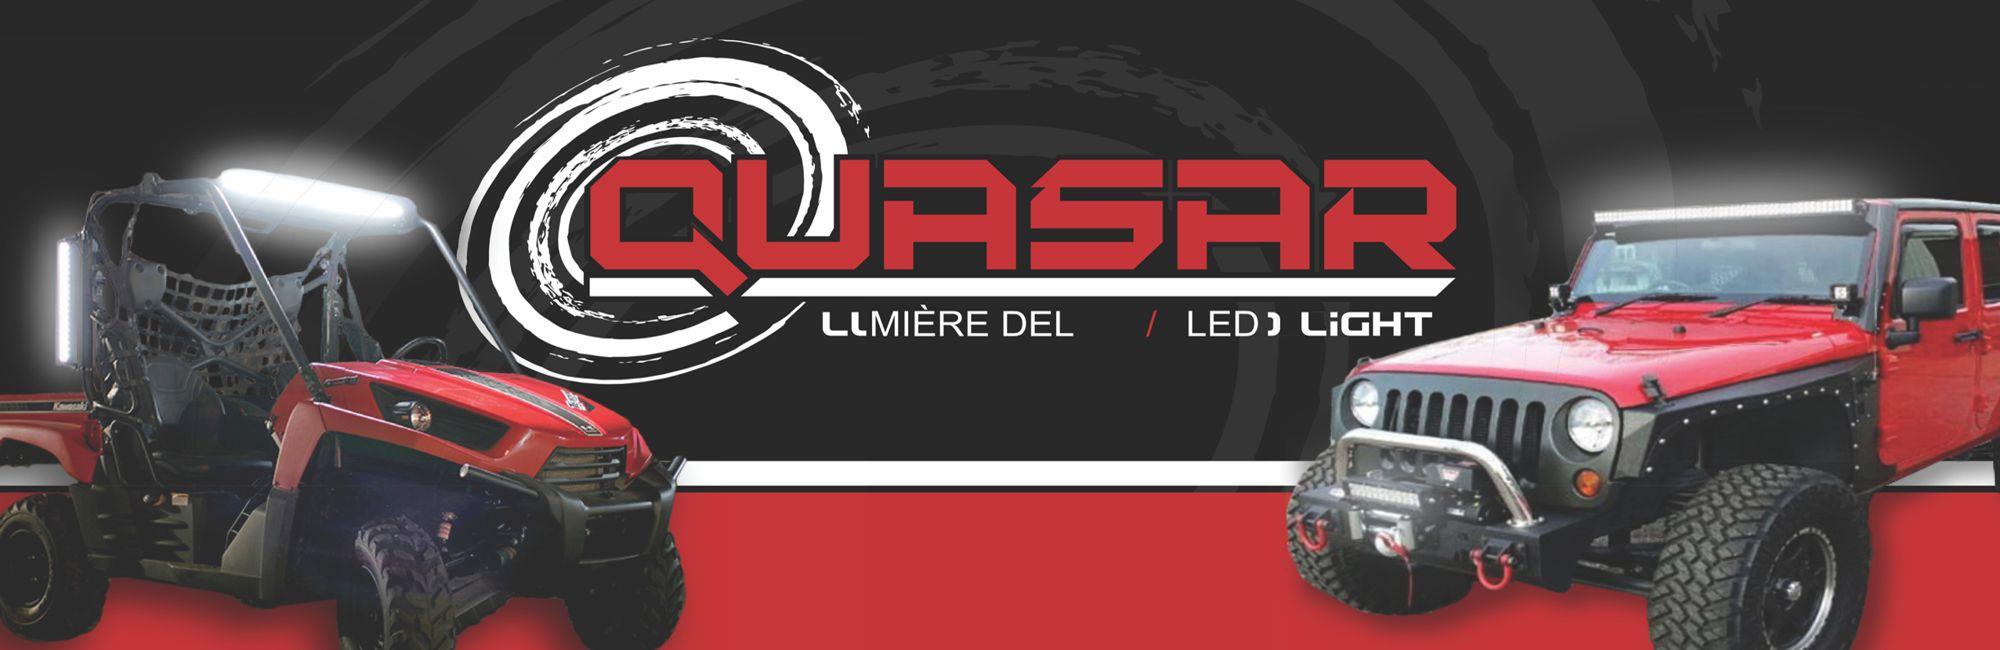 Quasar-carrousel